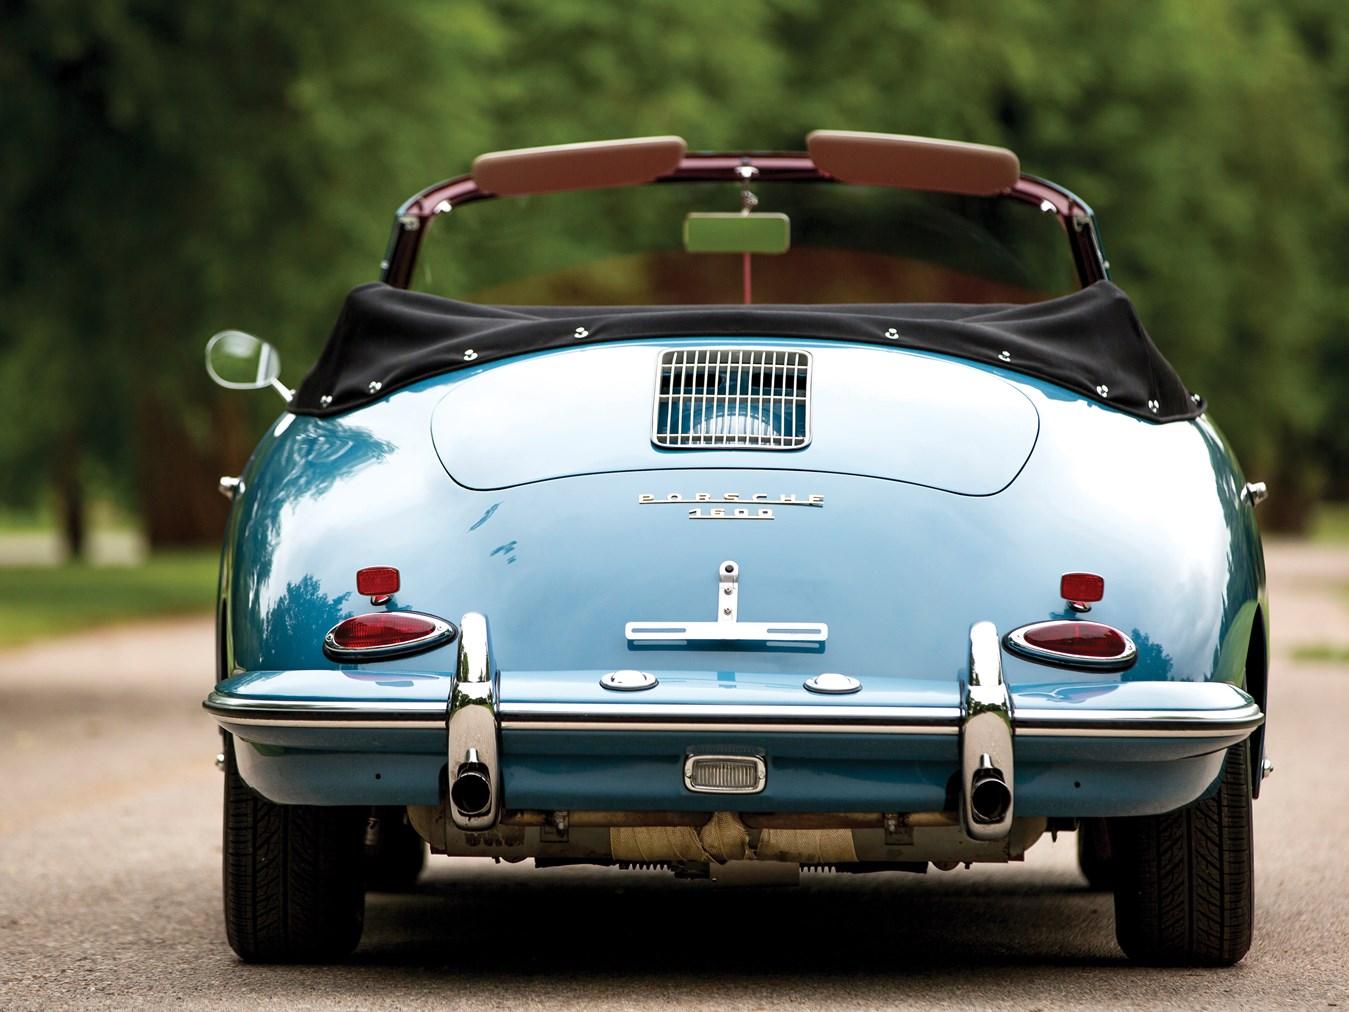 1961 Porsche 356 B 1600 Cabriolet by Reutter